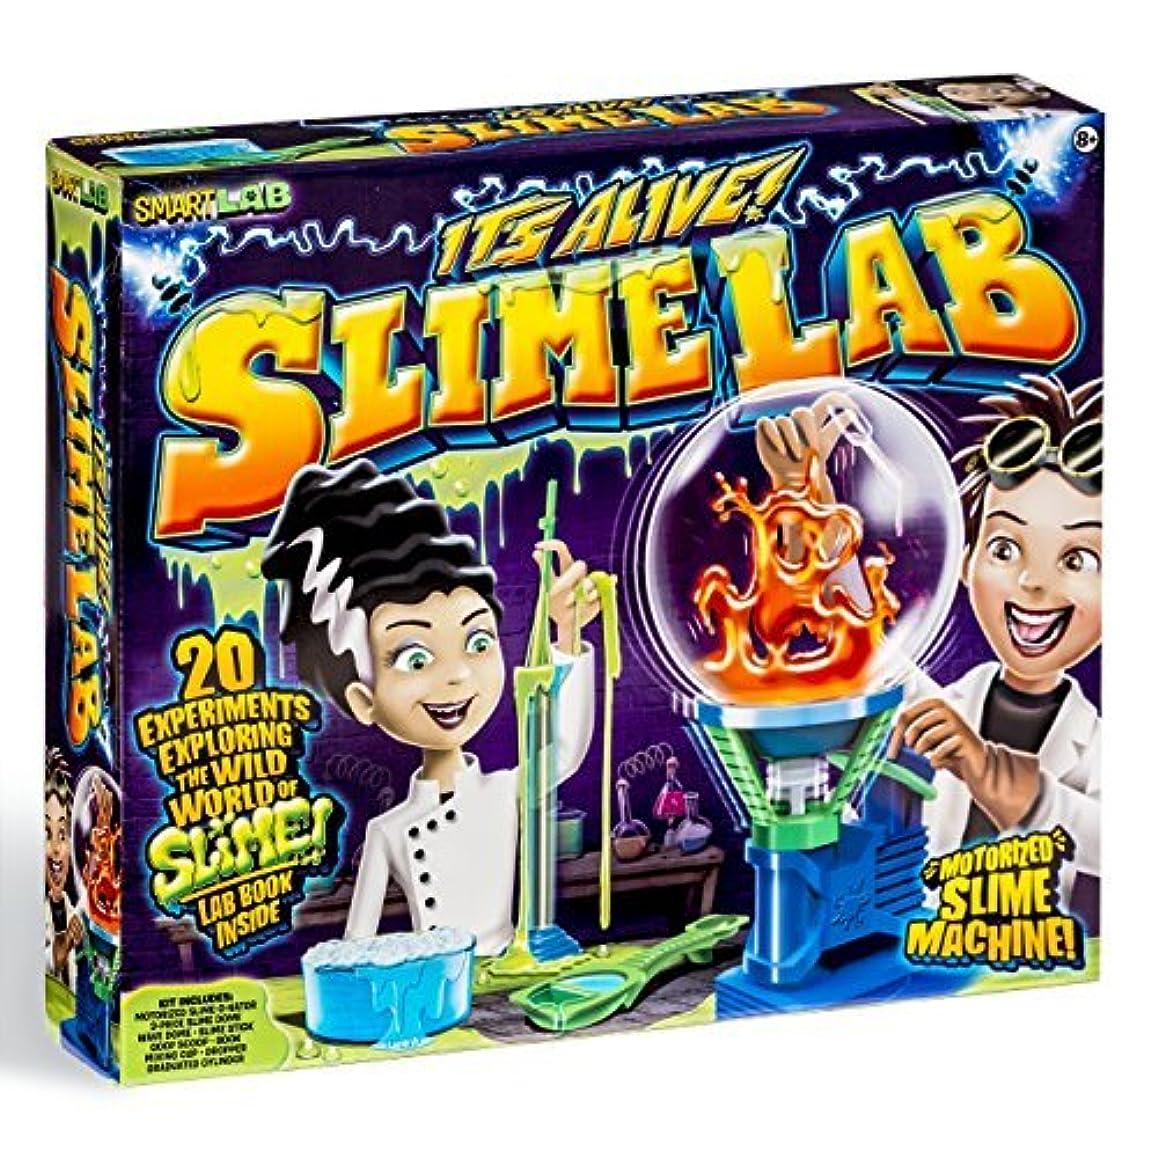 故国かりてモネSmartlab Slime Lab Play Toy by SmartLab [並行輸入品]